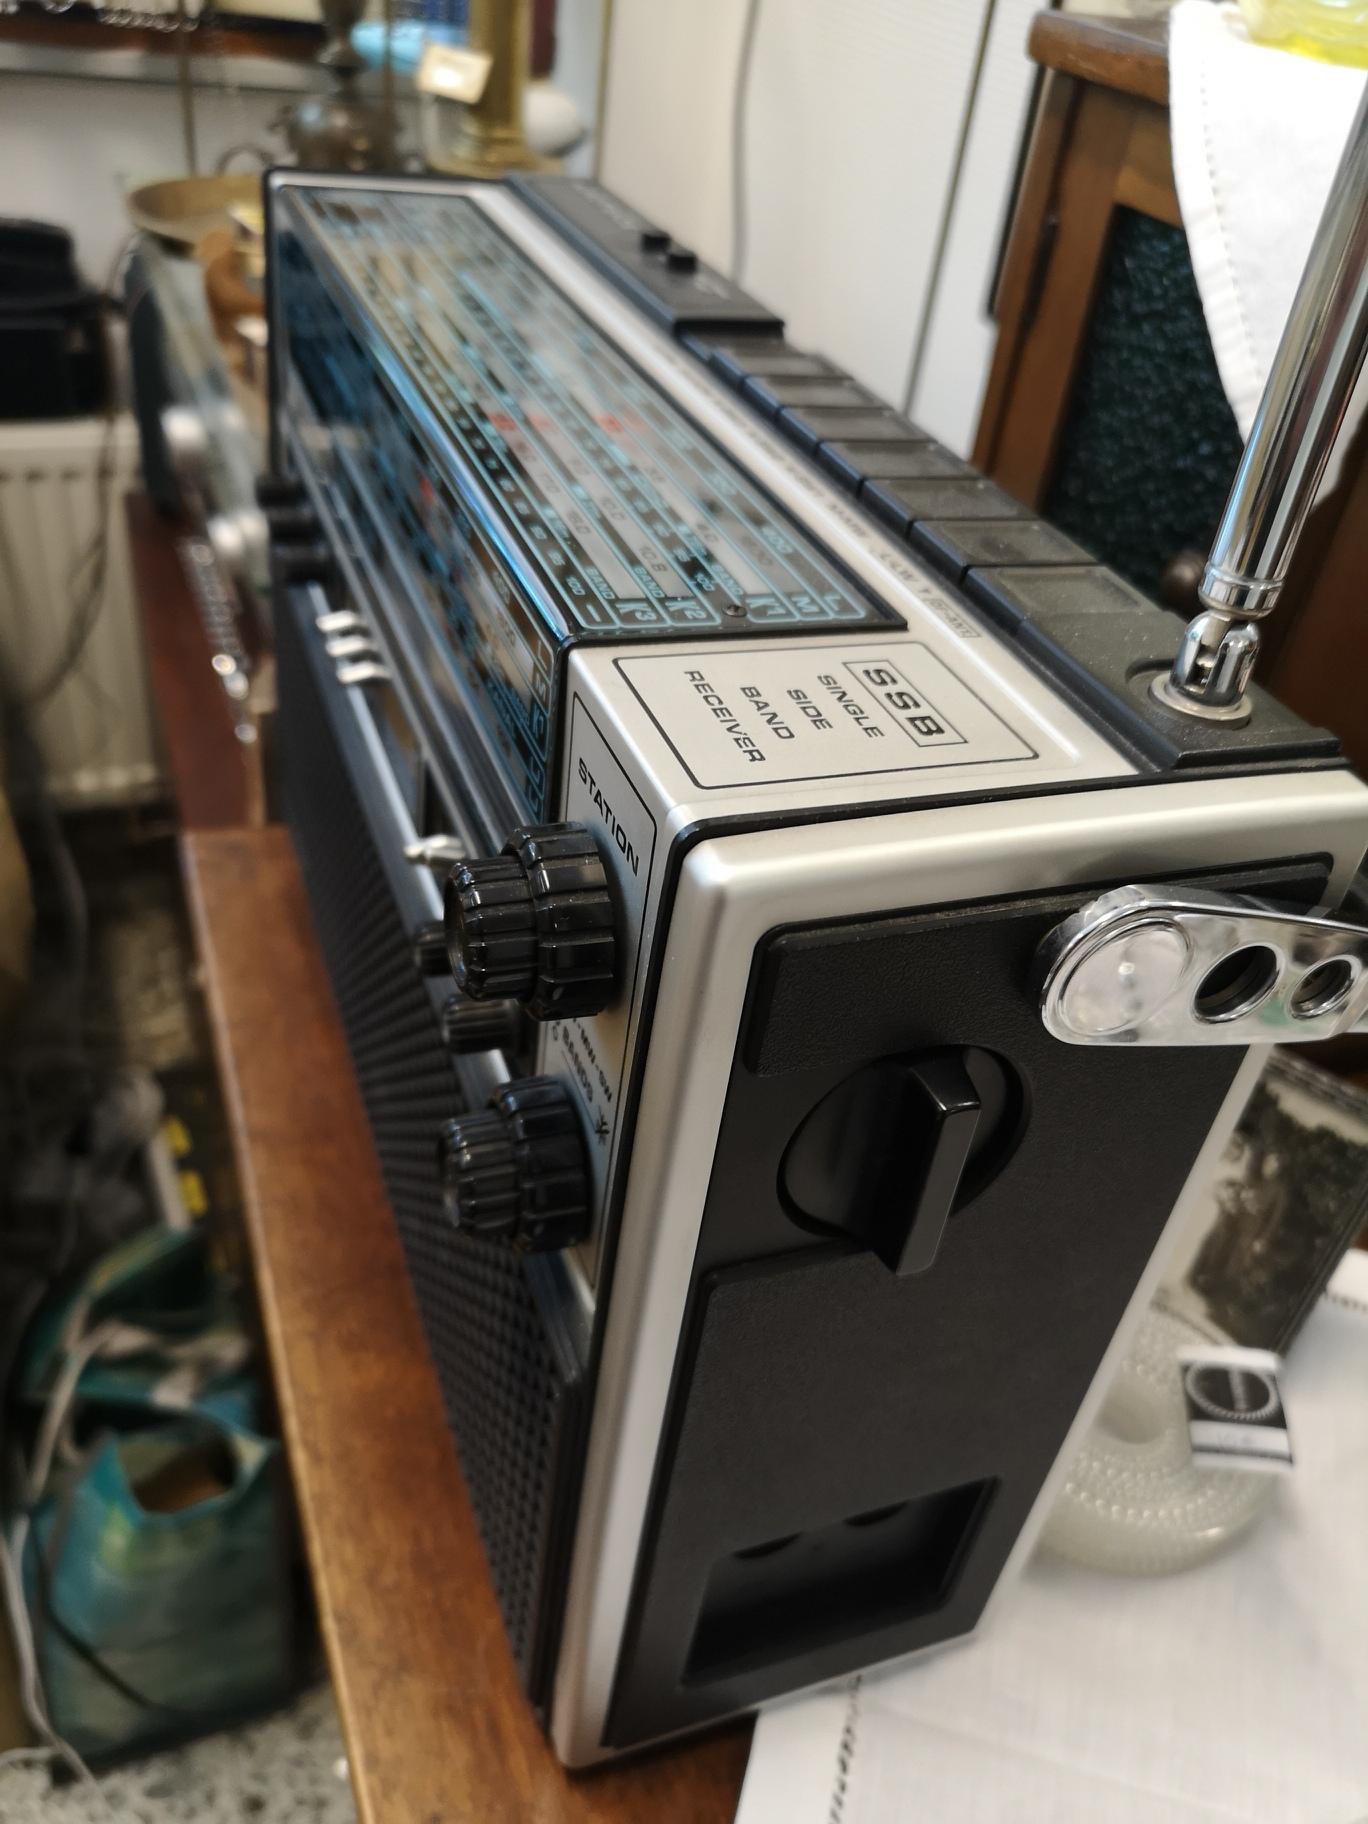 Nordmende Globetrotter 808 radio